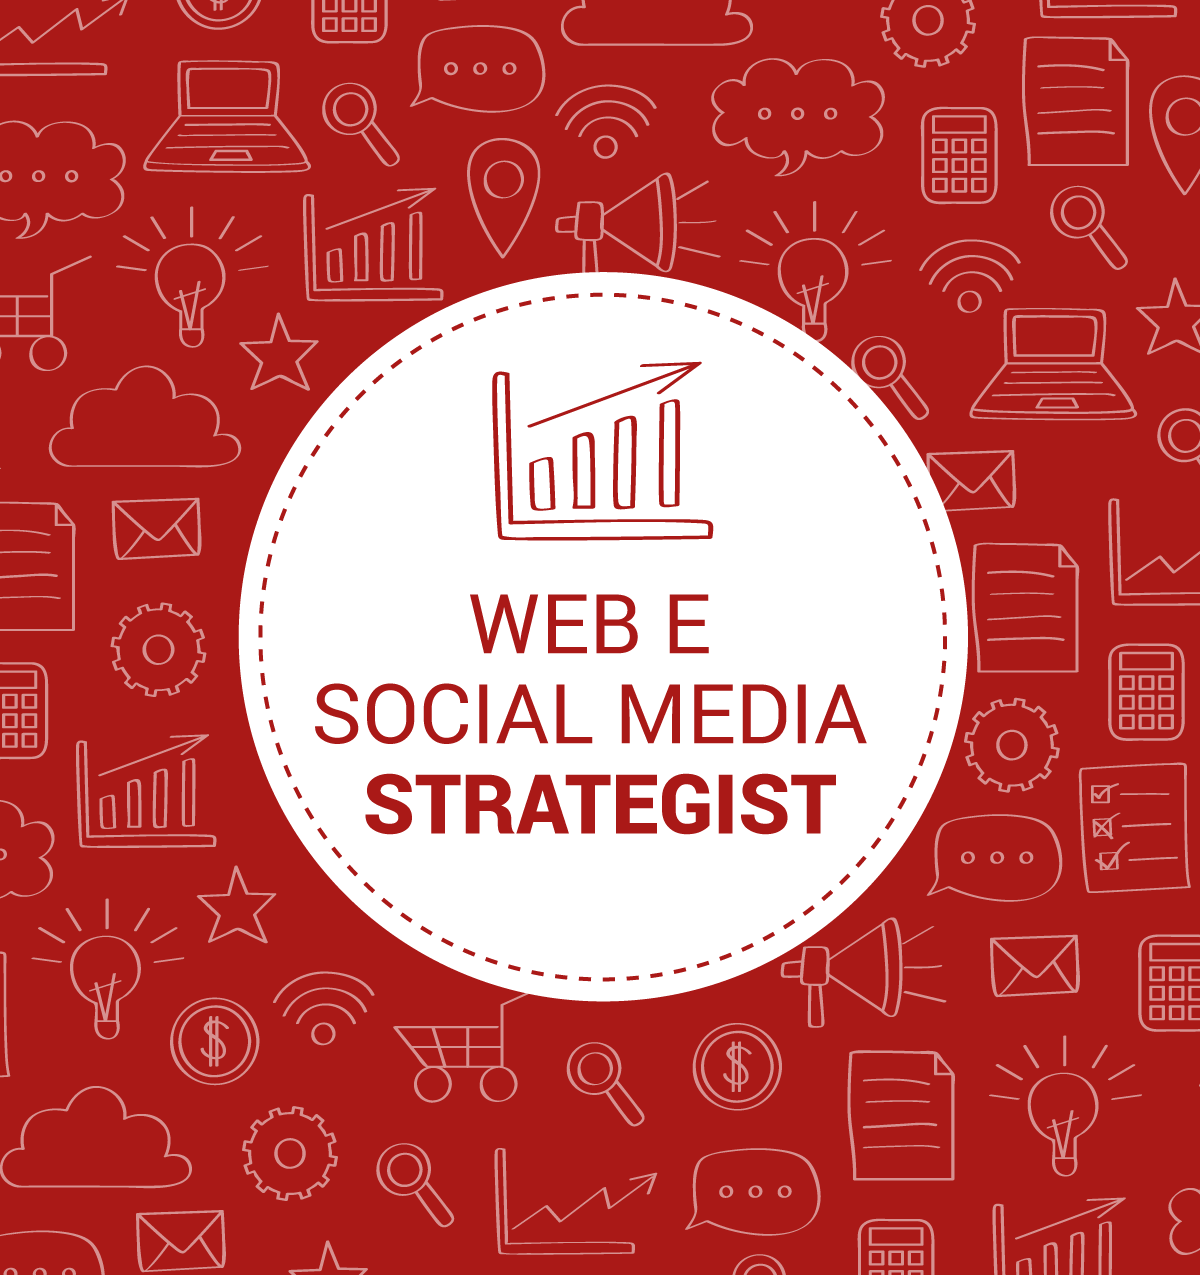 web-e-social-media-strategist_pacchetti-formativi-o-professioni_corsi-web-italia